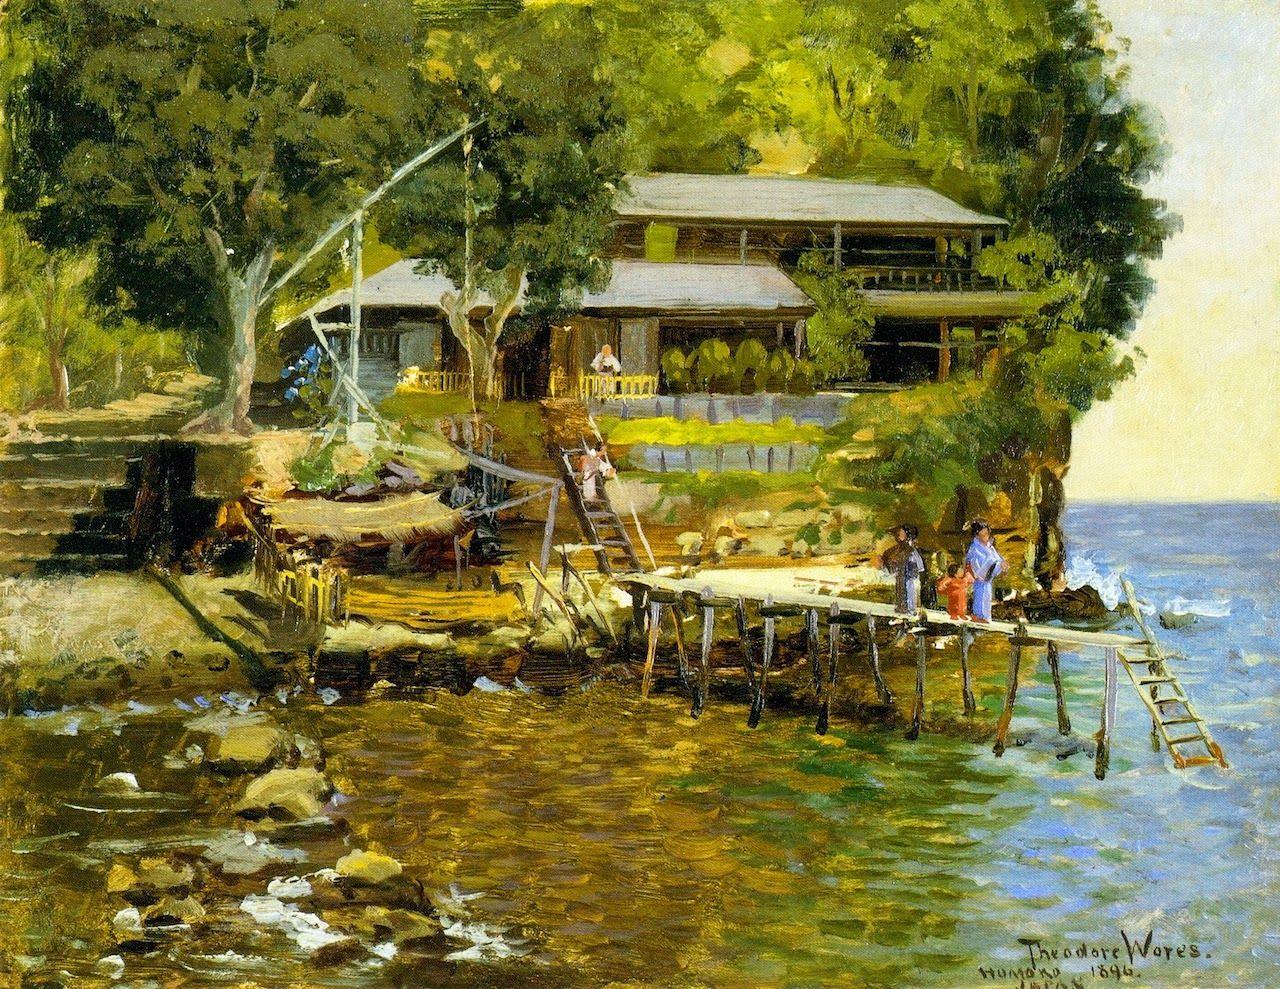 私たちが知らない江戸「日本を愛した19世紀の米国人画家」が描いた ...